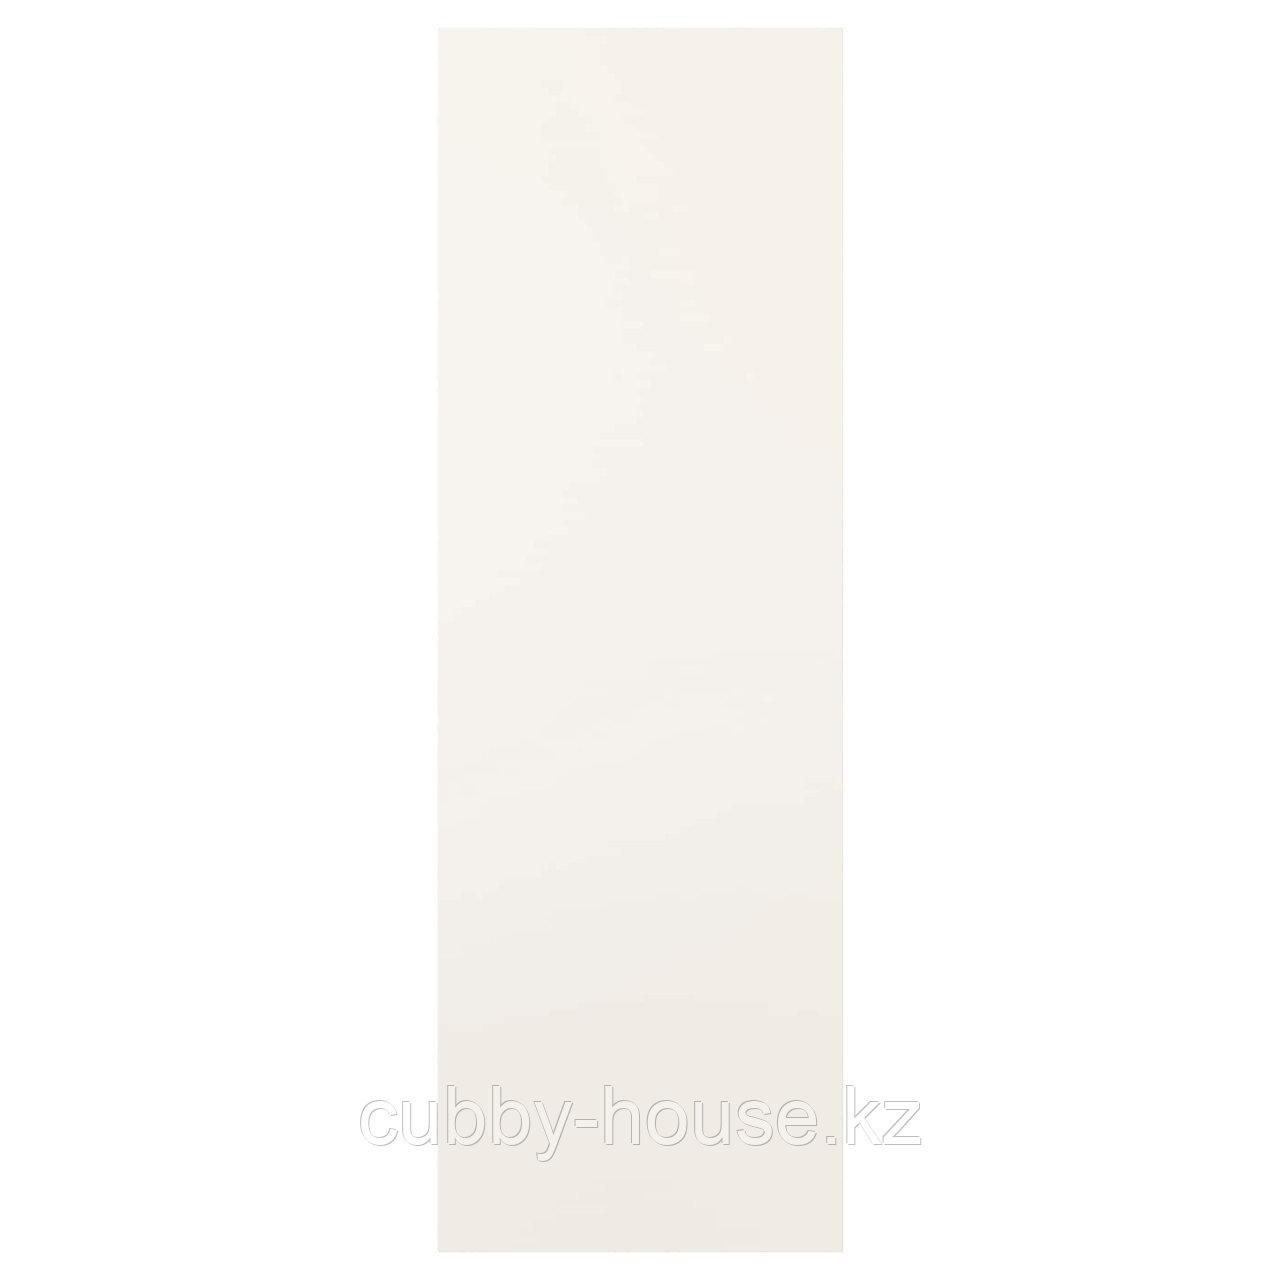 ФОННЕС Дверь, белый, 40x180 см